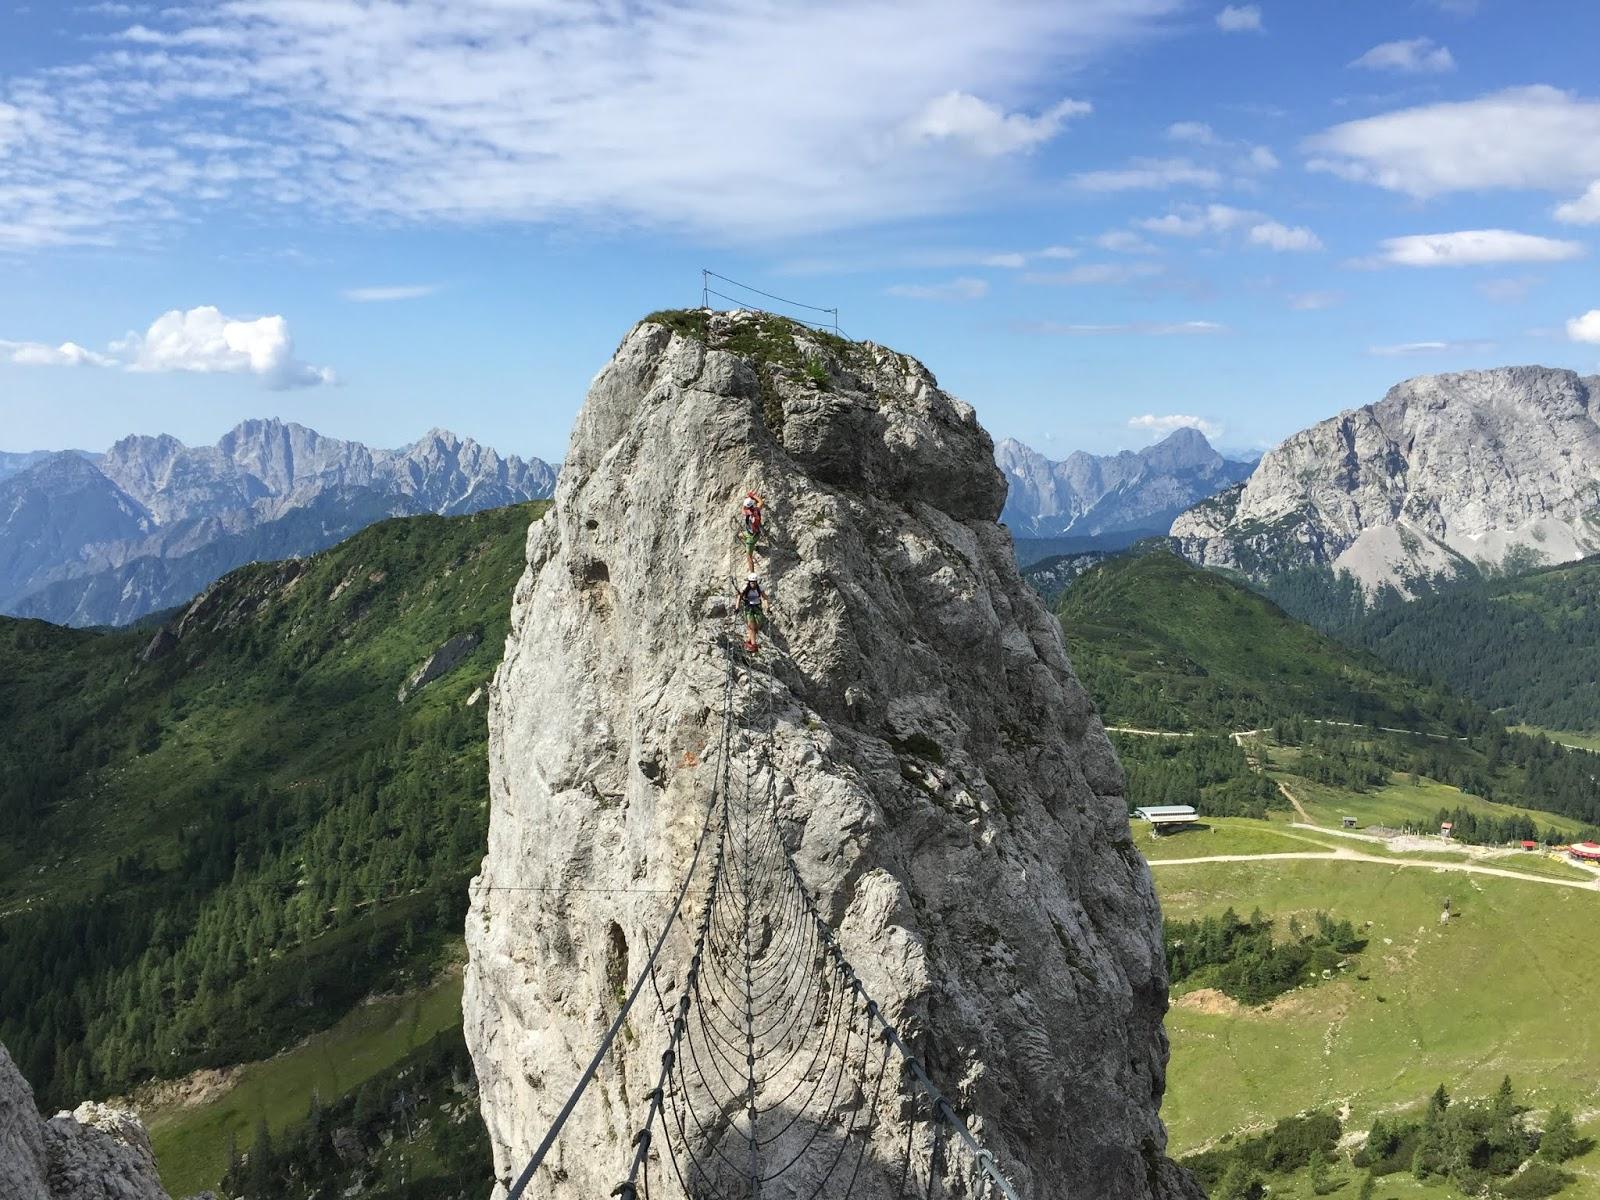 Klettersteig Däumling : Aufdiebergbinigern: über den däumling klettersteig auf gartnerkofe